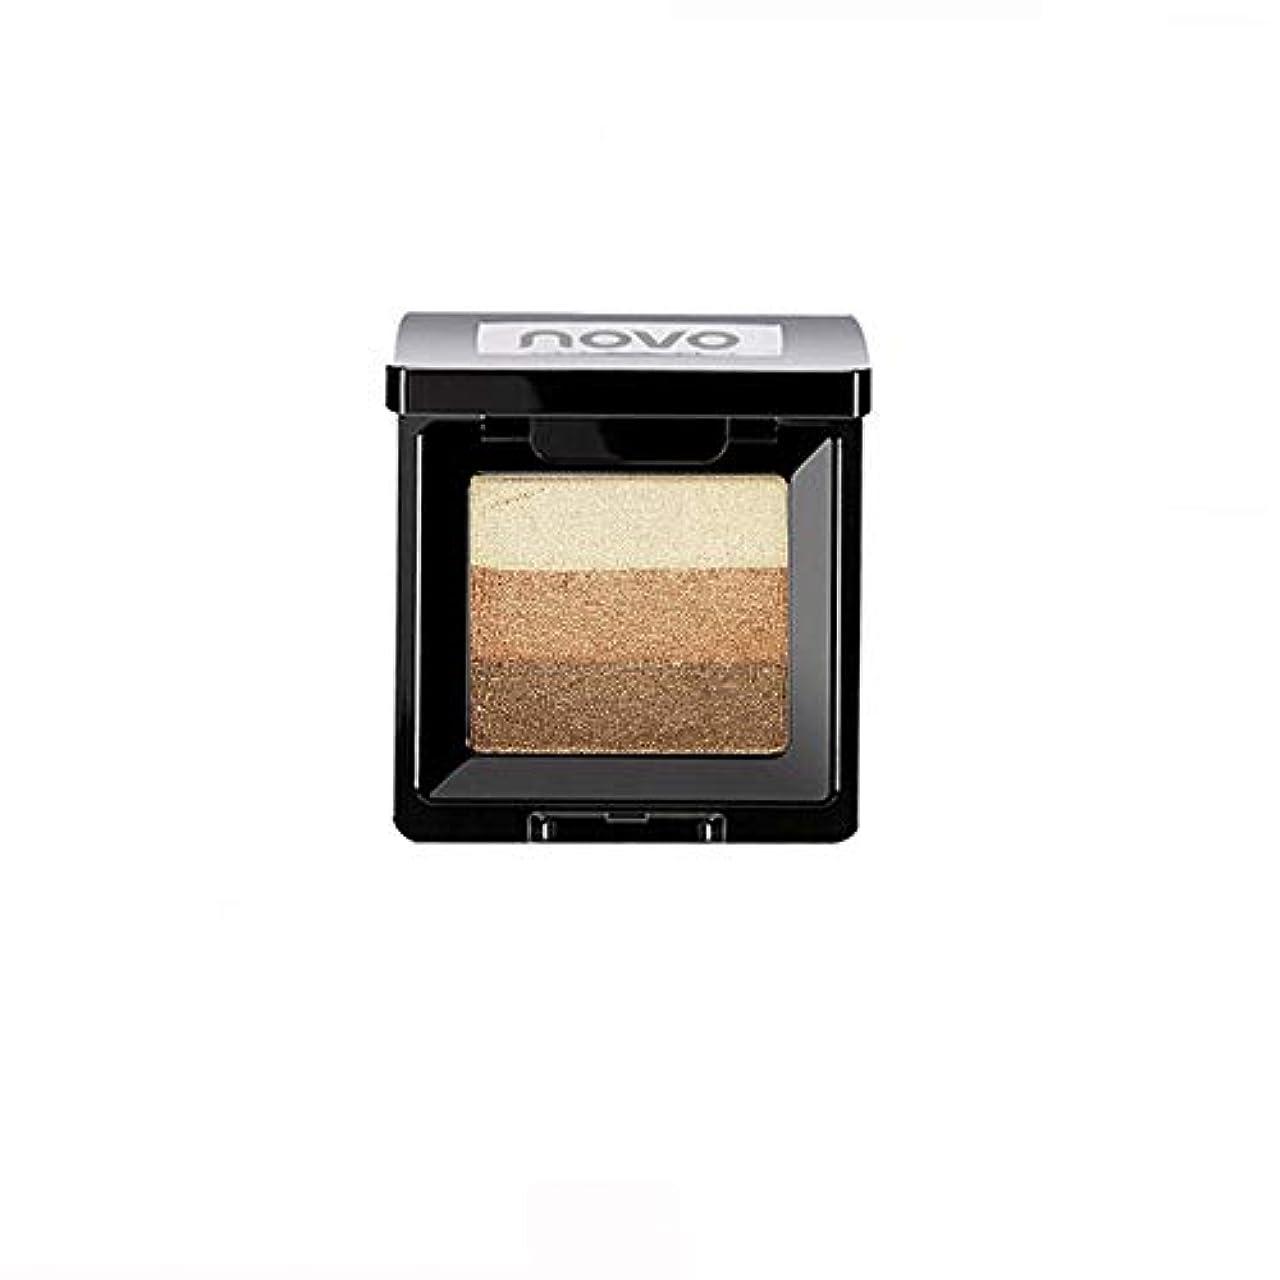 リズミカルな気晴らし密接にAkane アイシャドウパレット NOVO ファッション 魅力的 3色 グラデーション 人気 綺麗 マット チャーム つや消し 真珠光沢 長持ち おしゃれ 持ち便利 Eye Shadow (8種類)